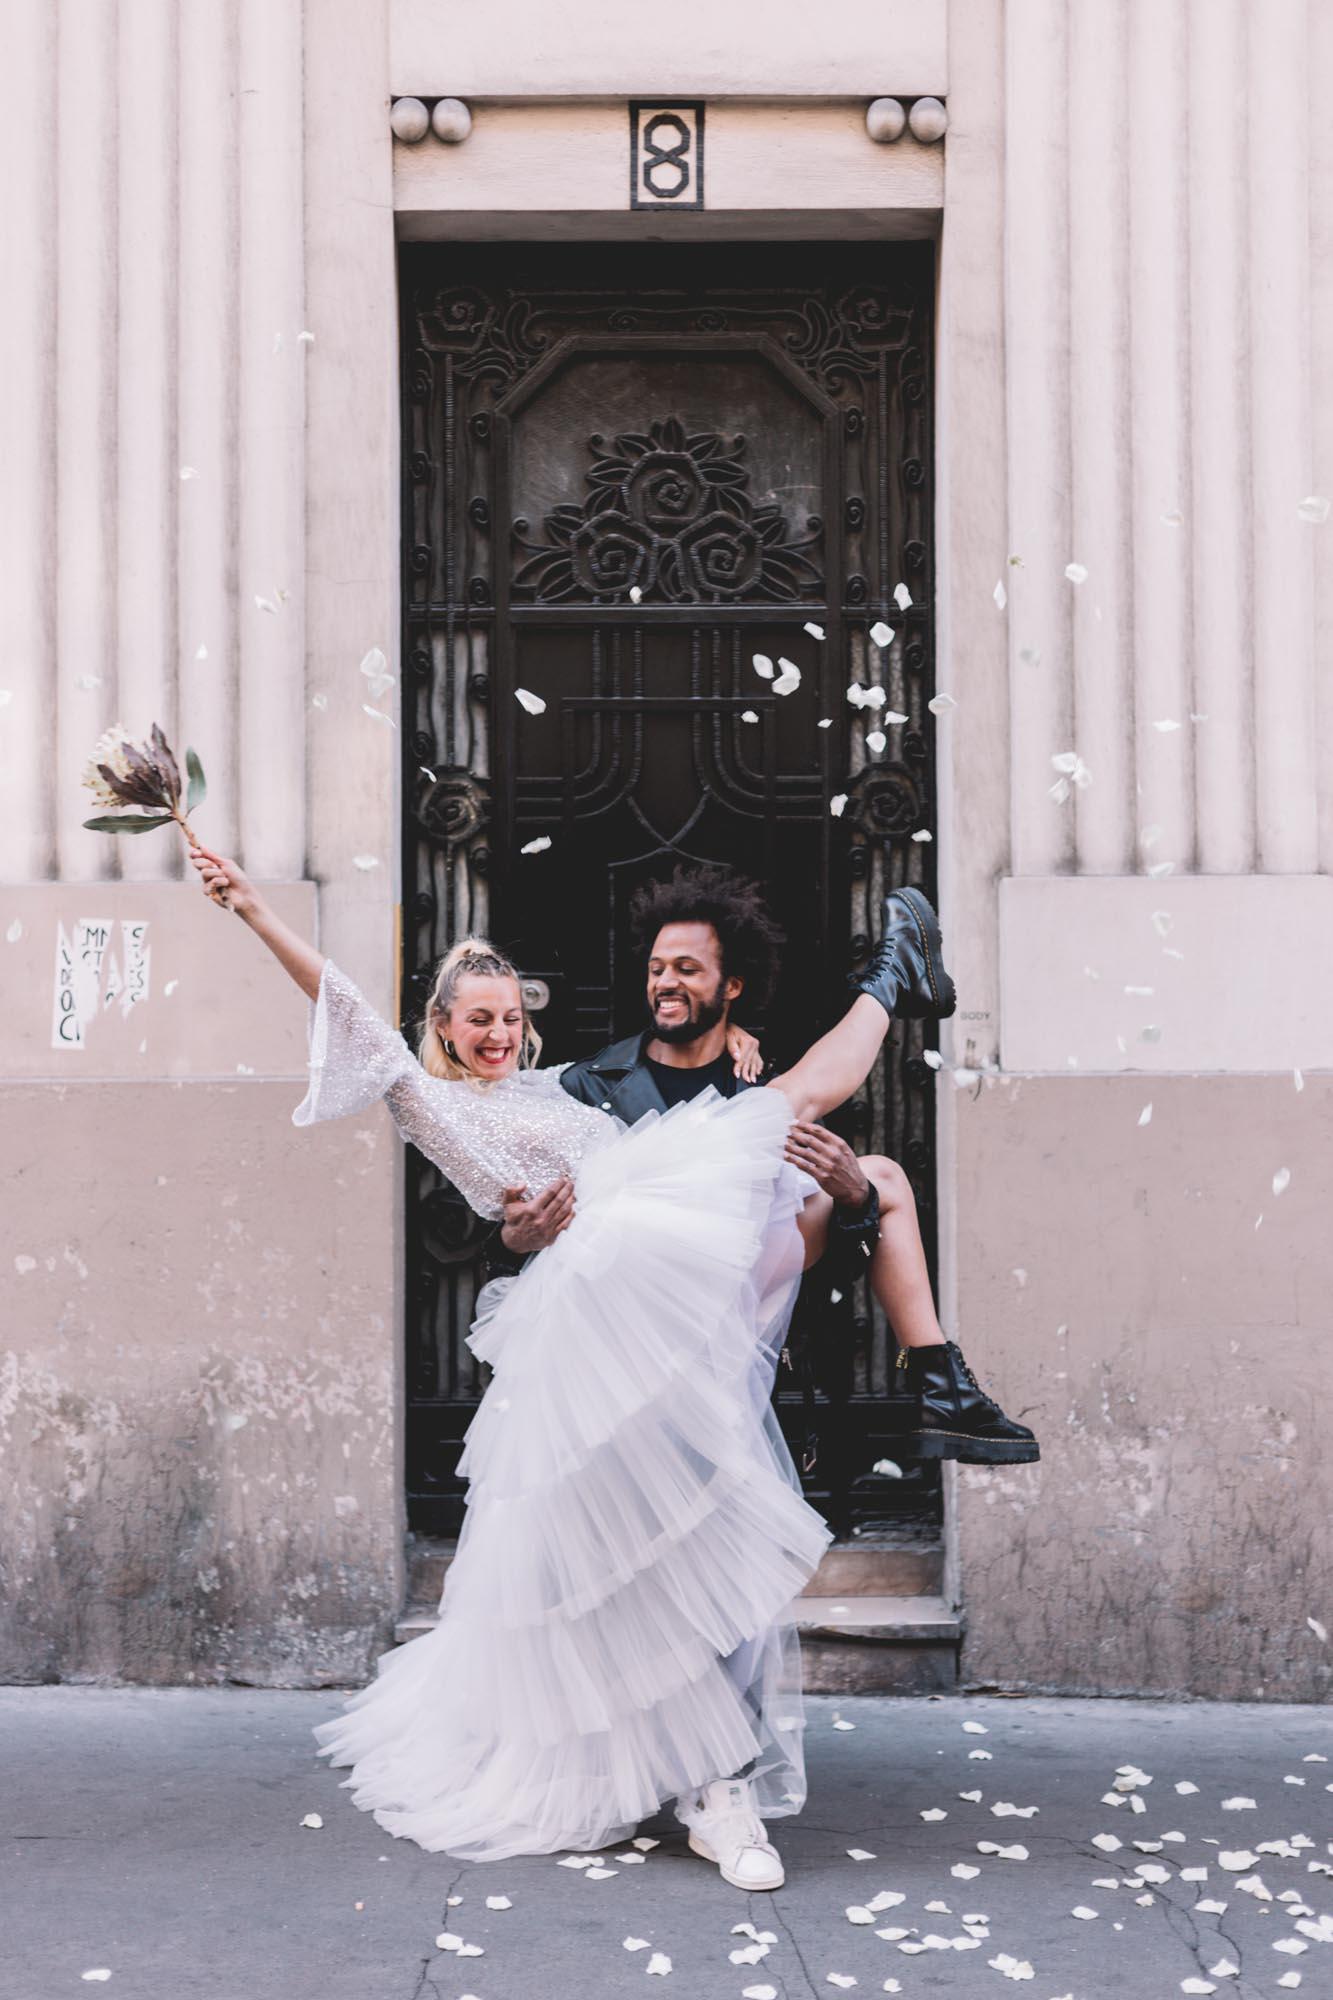 PHOTOGRAPHE_MARIAGE_PARIS_LES BANDITS-7